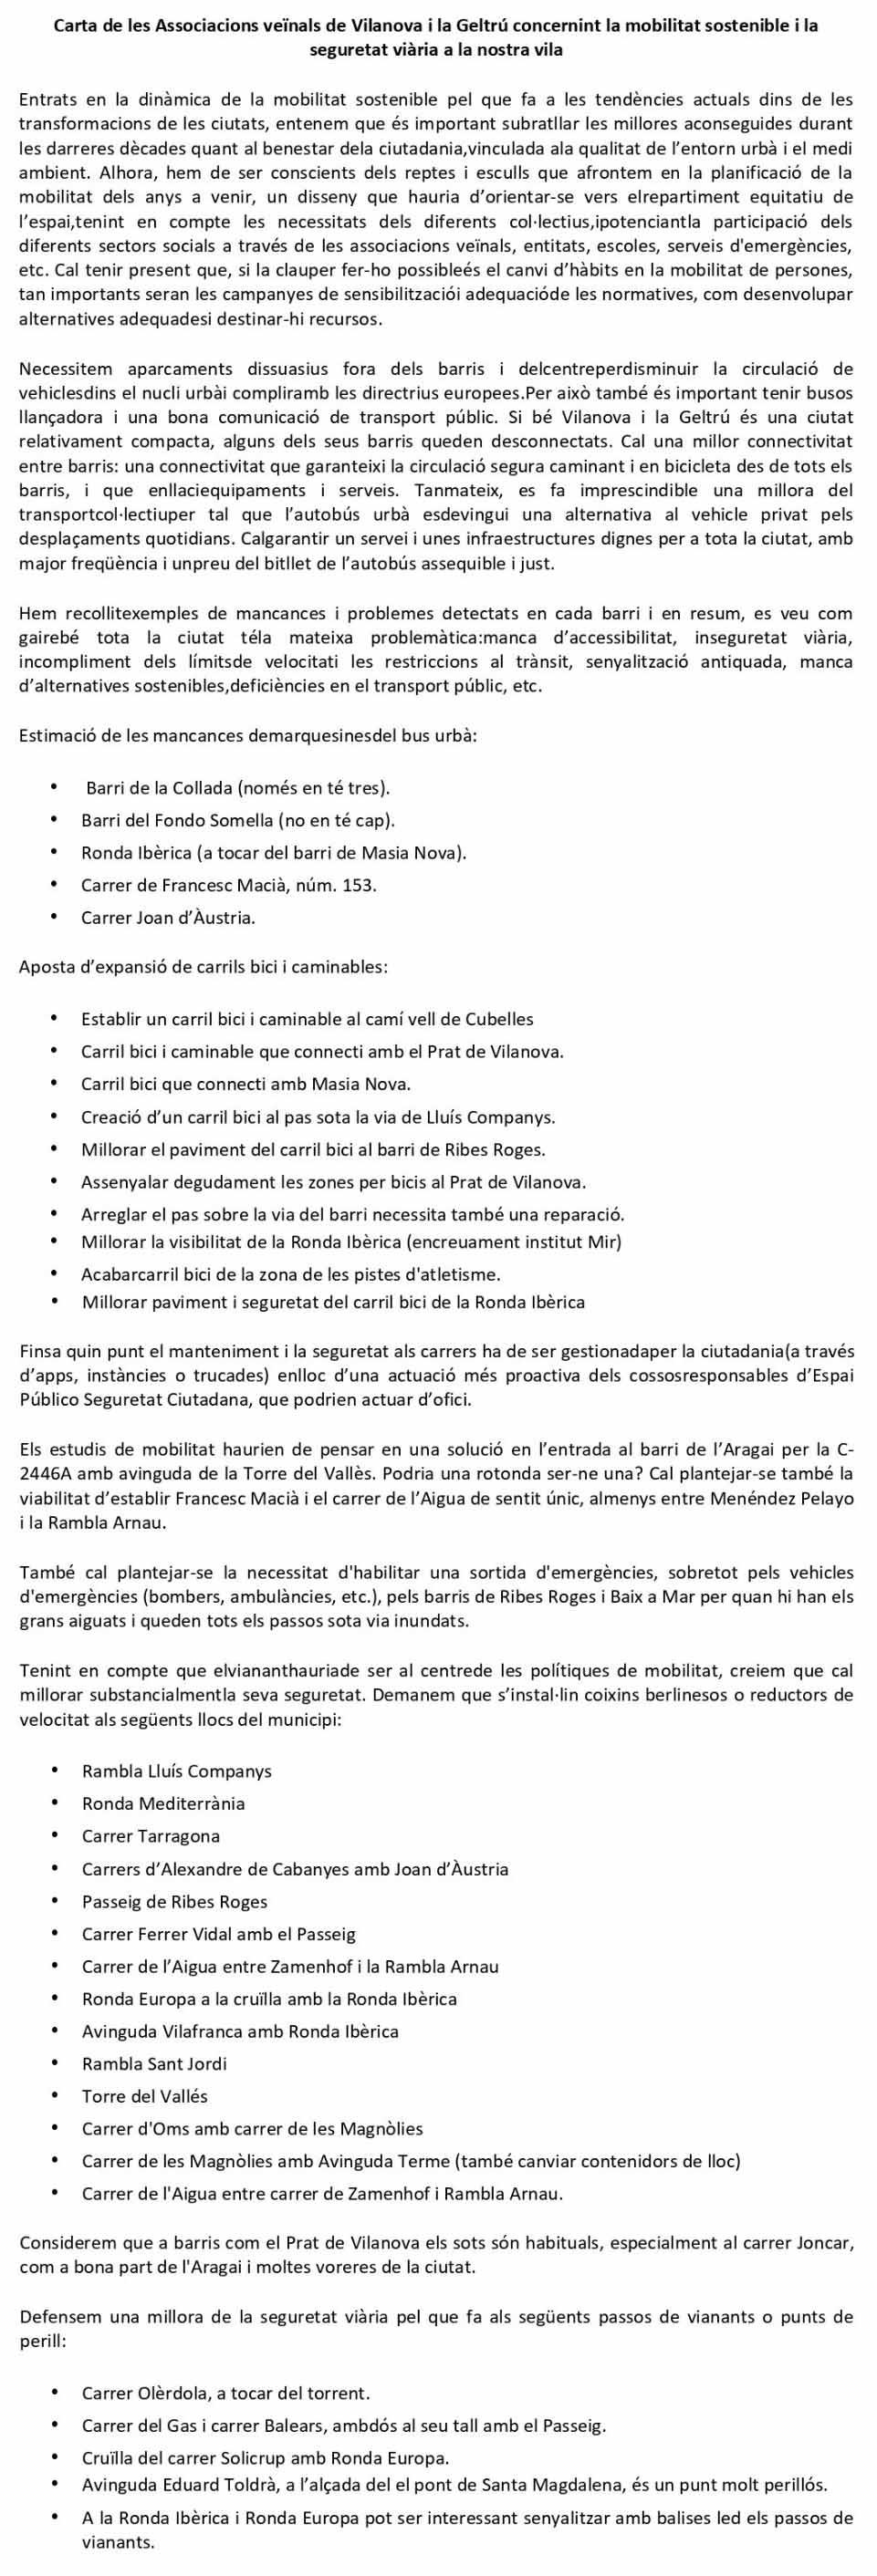 Carta de les Associacions veïnals de Vilanova i la Geltrú concernint la mobilitat sostenible i la seguretat viària a Vilanova i la Geltrú